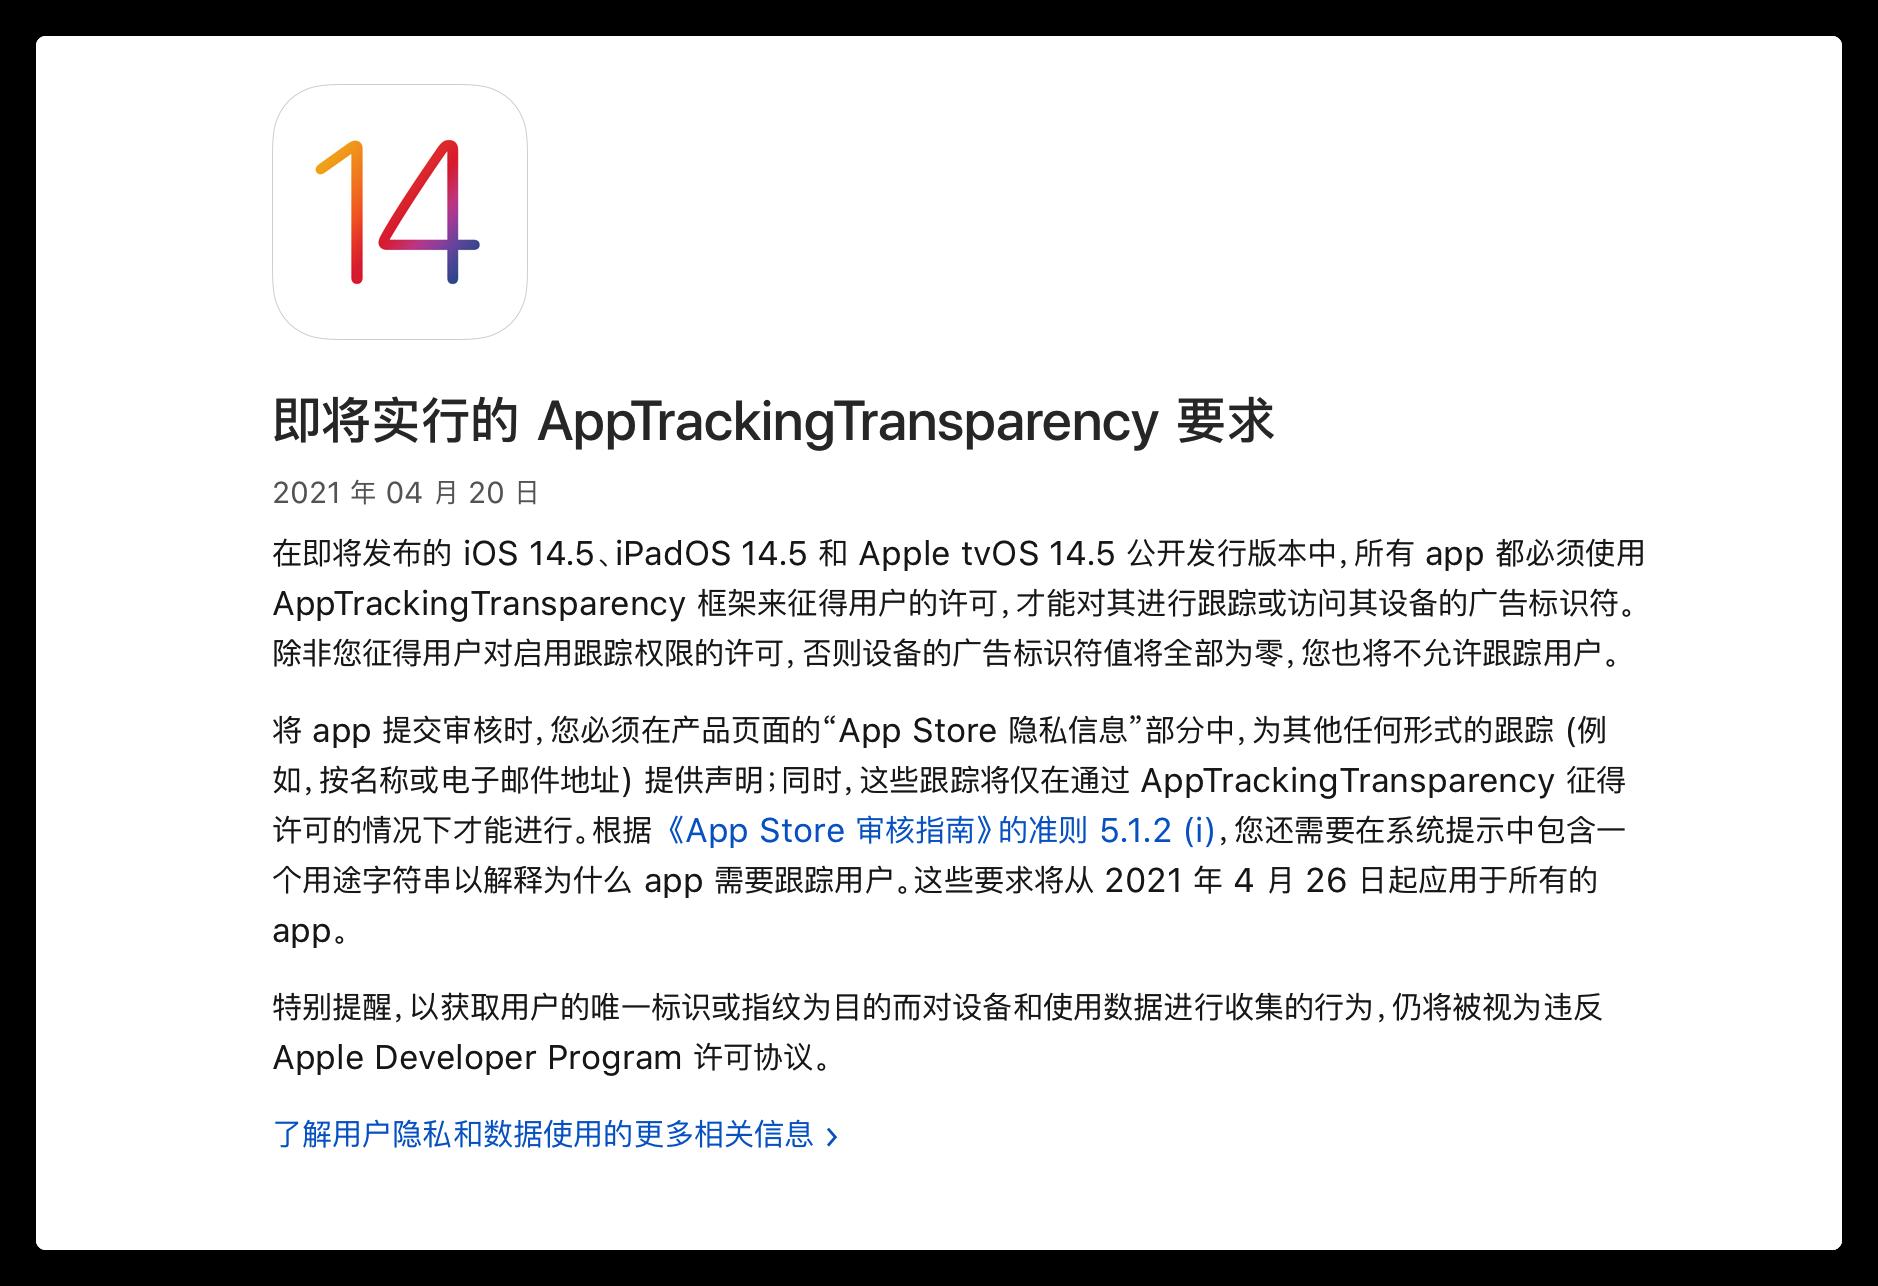 苹果消息:2021 年 4 月 26 日起所有应用都必须使用 AppTrackingTransparency 框架来征得用户的许可。